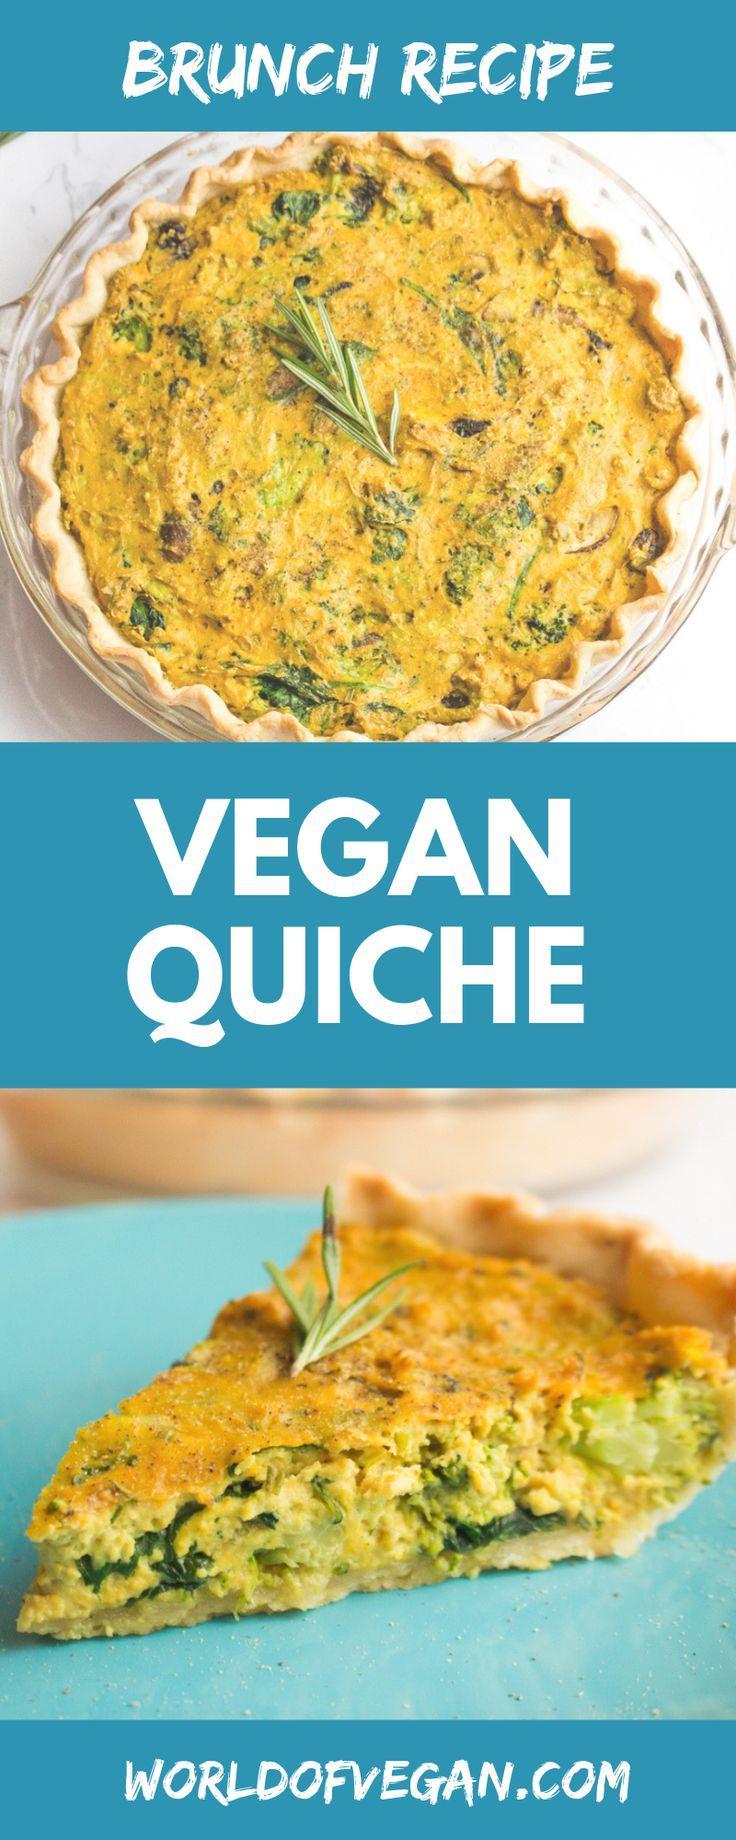 Vegan Quiche Recipe With Leeks Mushrooms Broccoli Recipe Vegan Quiche Quiche Recipes Vegan Brunch